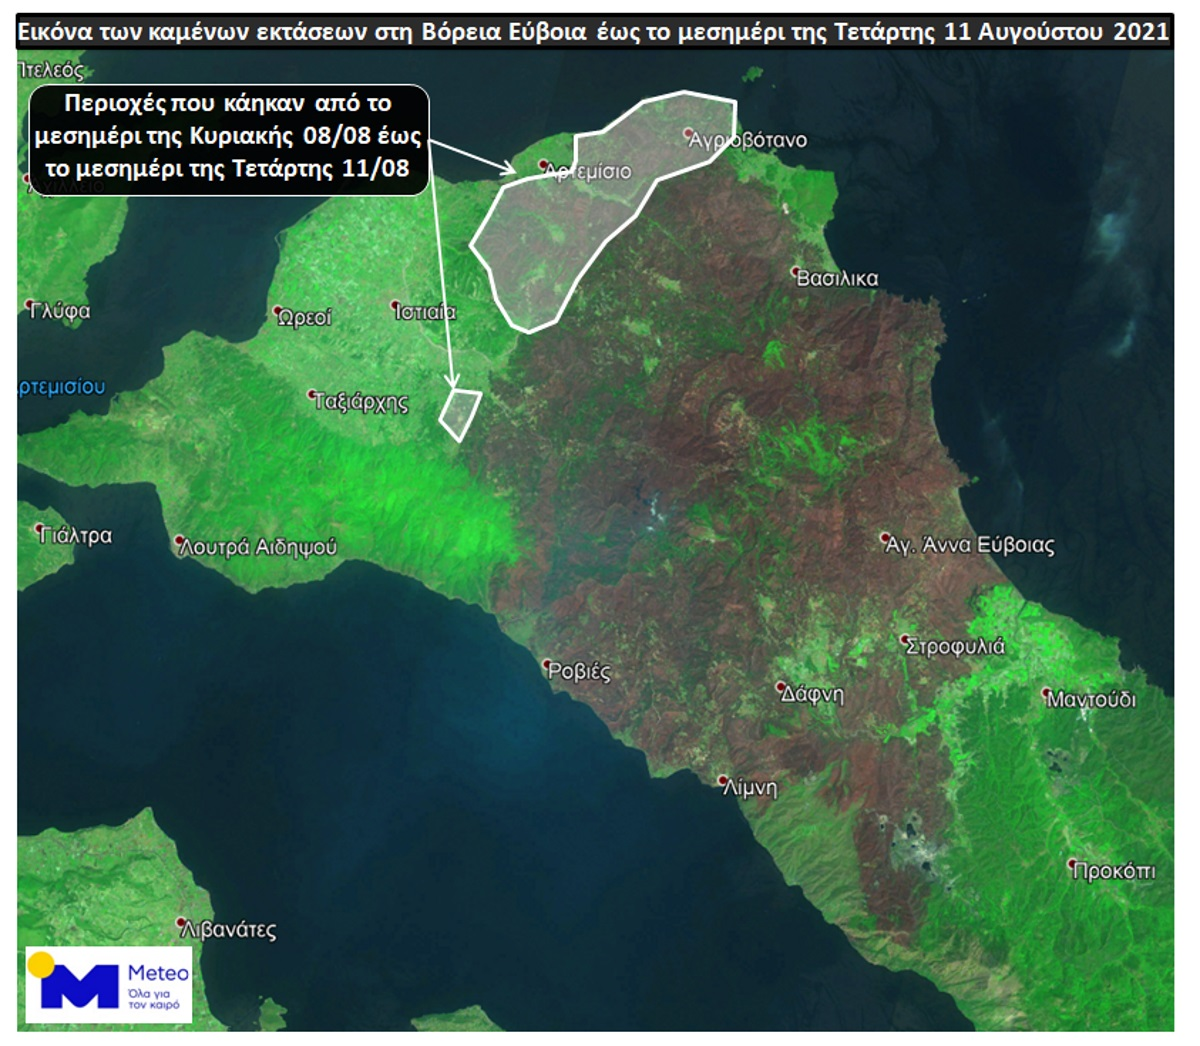 Φωτιά στην Εύβοια: Κάηκαν πάνω από 510.000 στρέμματα – Εικόνα από δορυφόρο